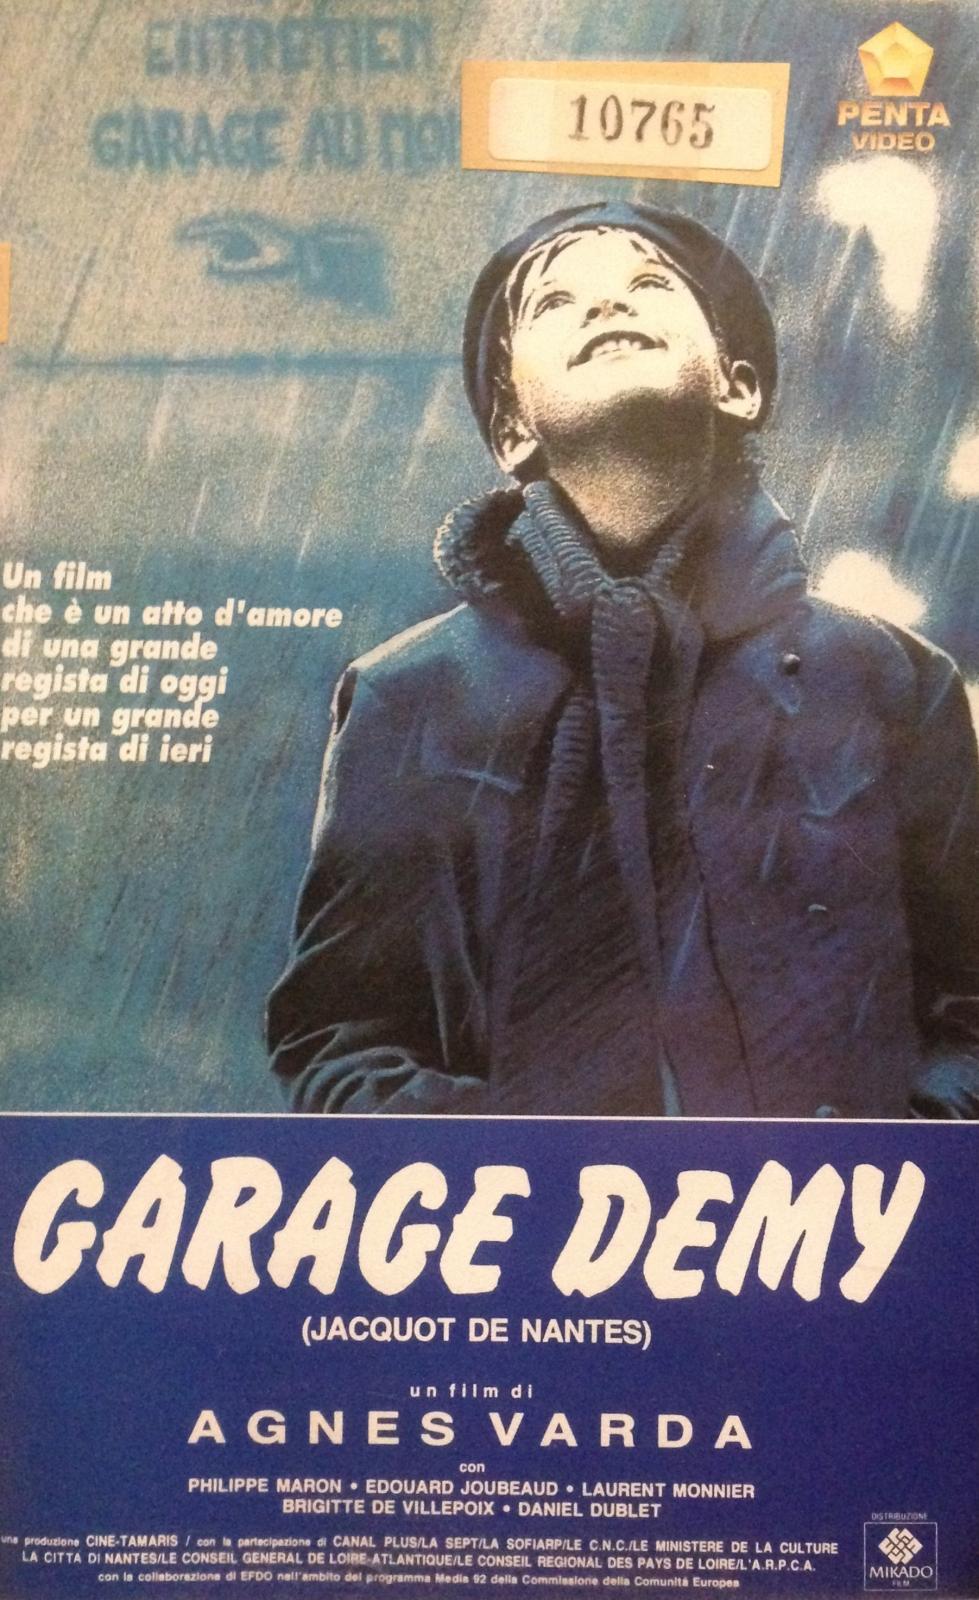 Risultati immagini per Garage Demy